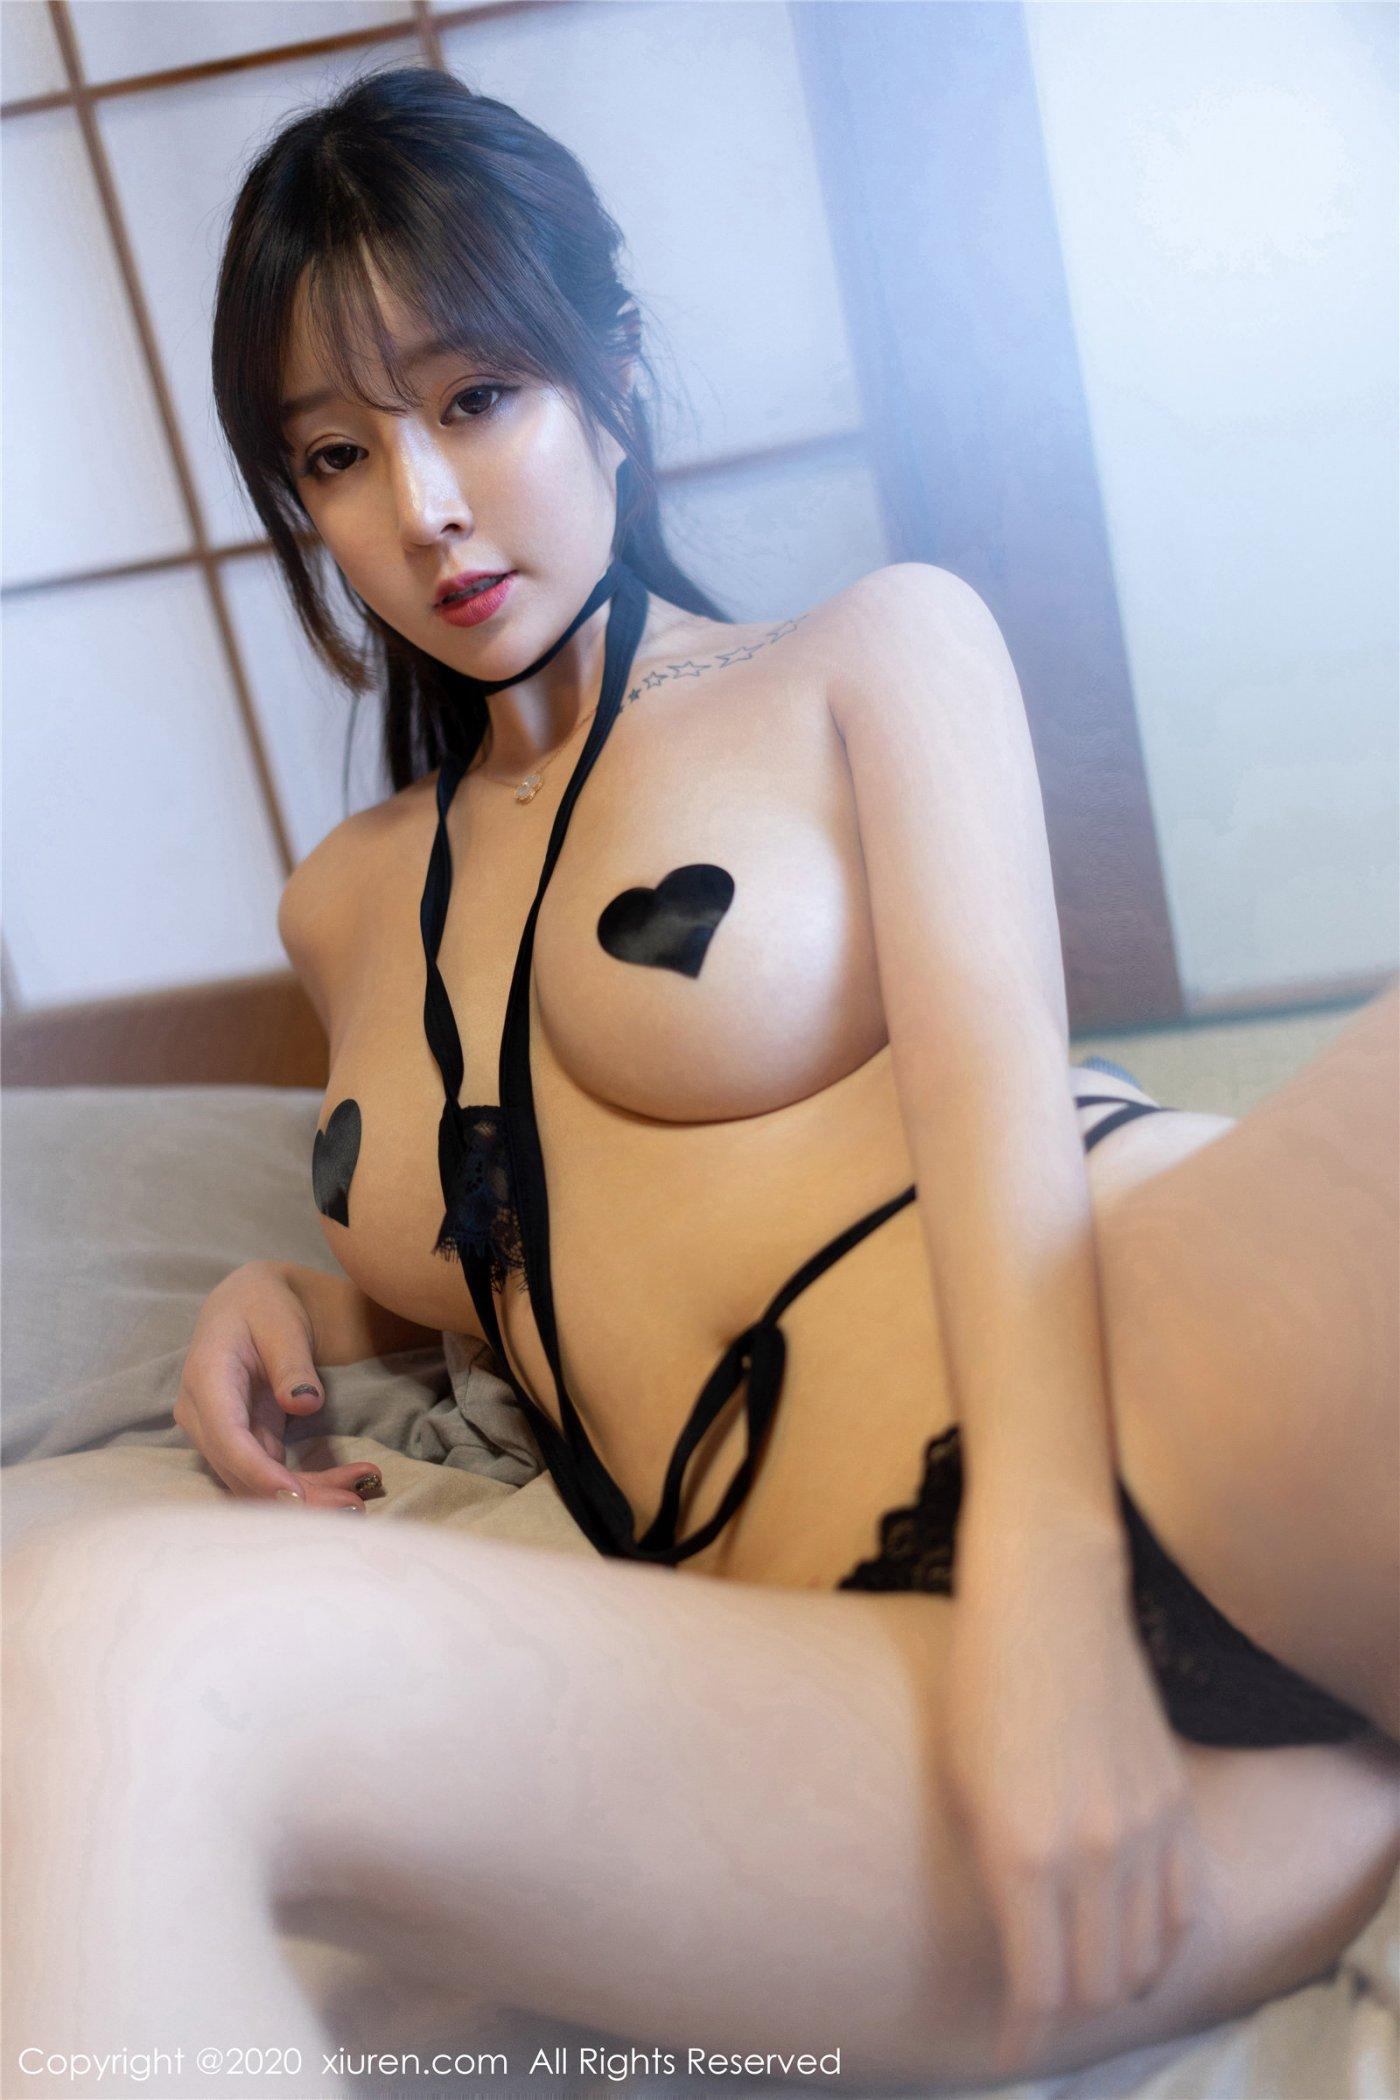 王雨纯(Vol. 2239) 性感mm-第4张